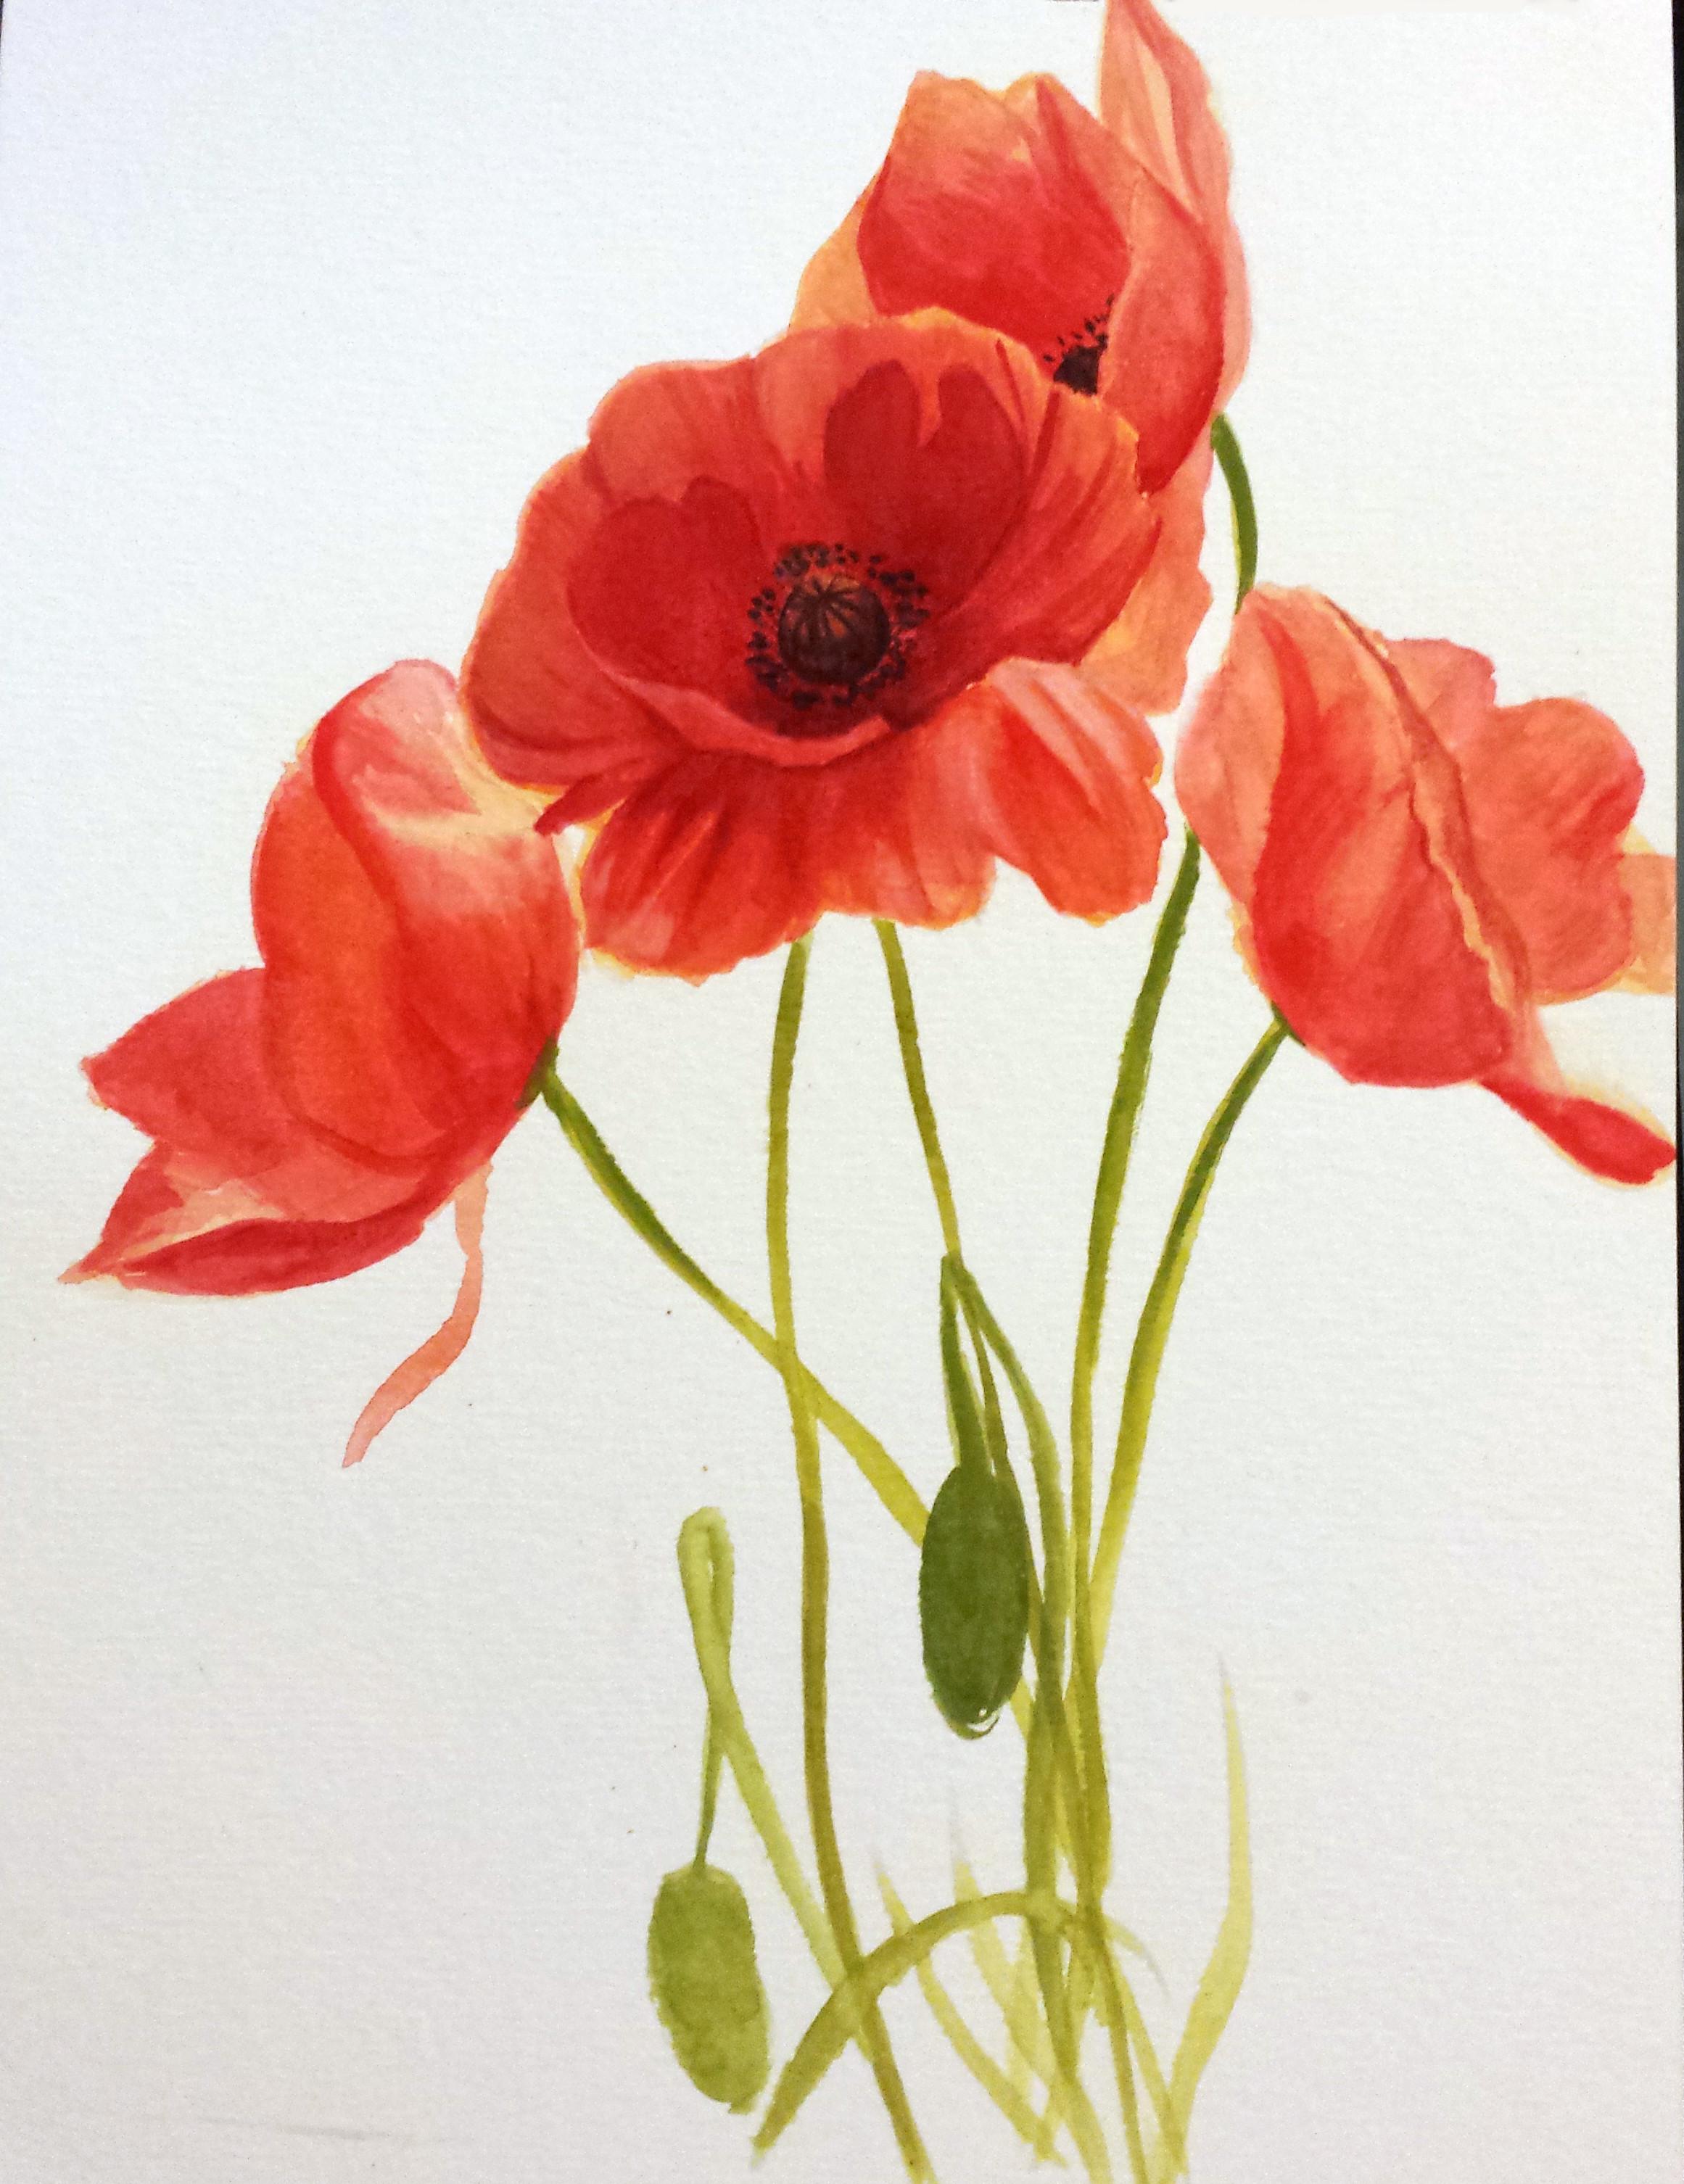 Drawn poppy red poppy Week April SketchDaily Flower Poppy